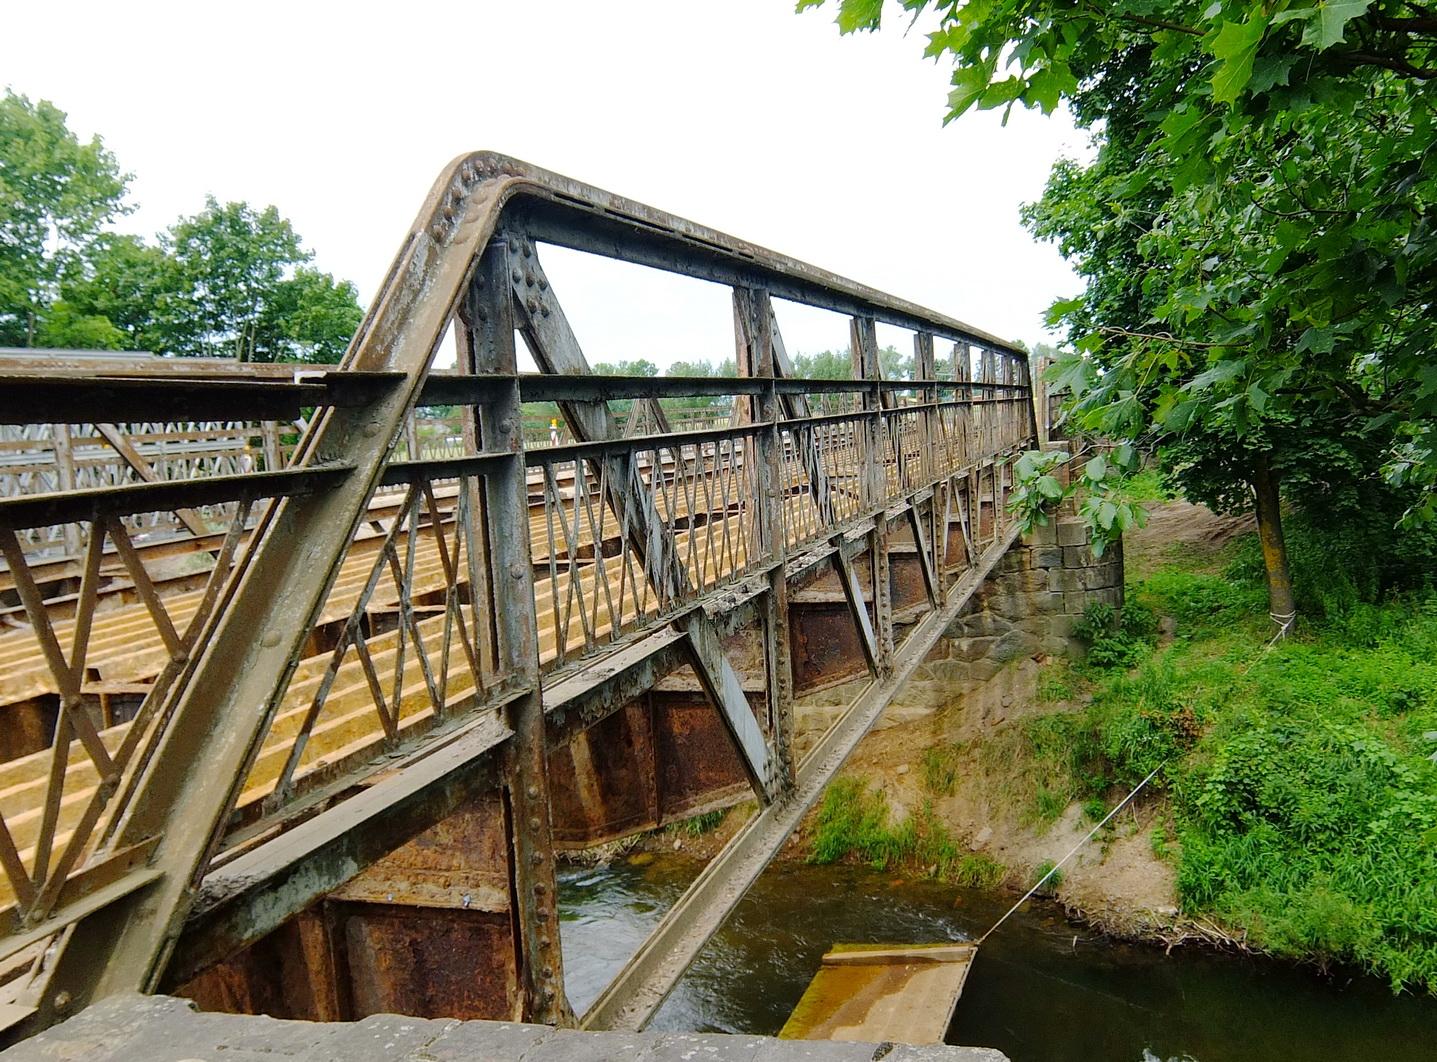 Taip atrodė tiltas, kol jo metalinės konstrukcijos, parudavusios nuo rūdžių, dar buvo nenuardytos ir neišvežtos saugoti.